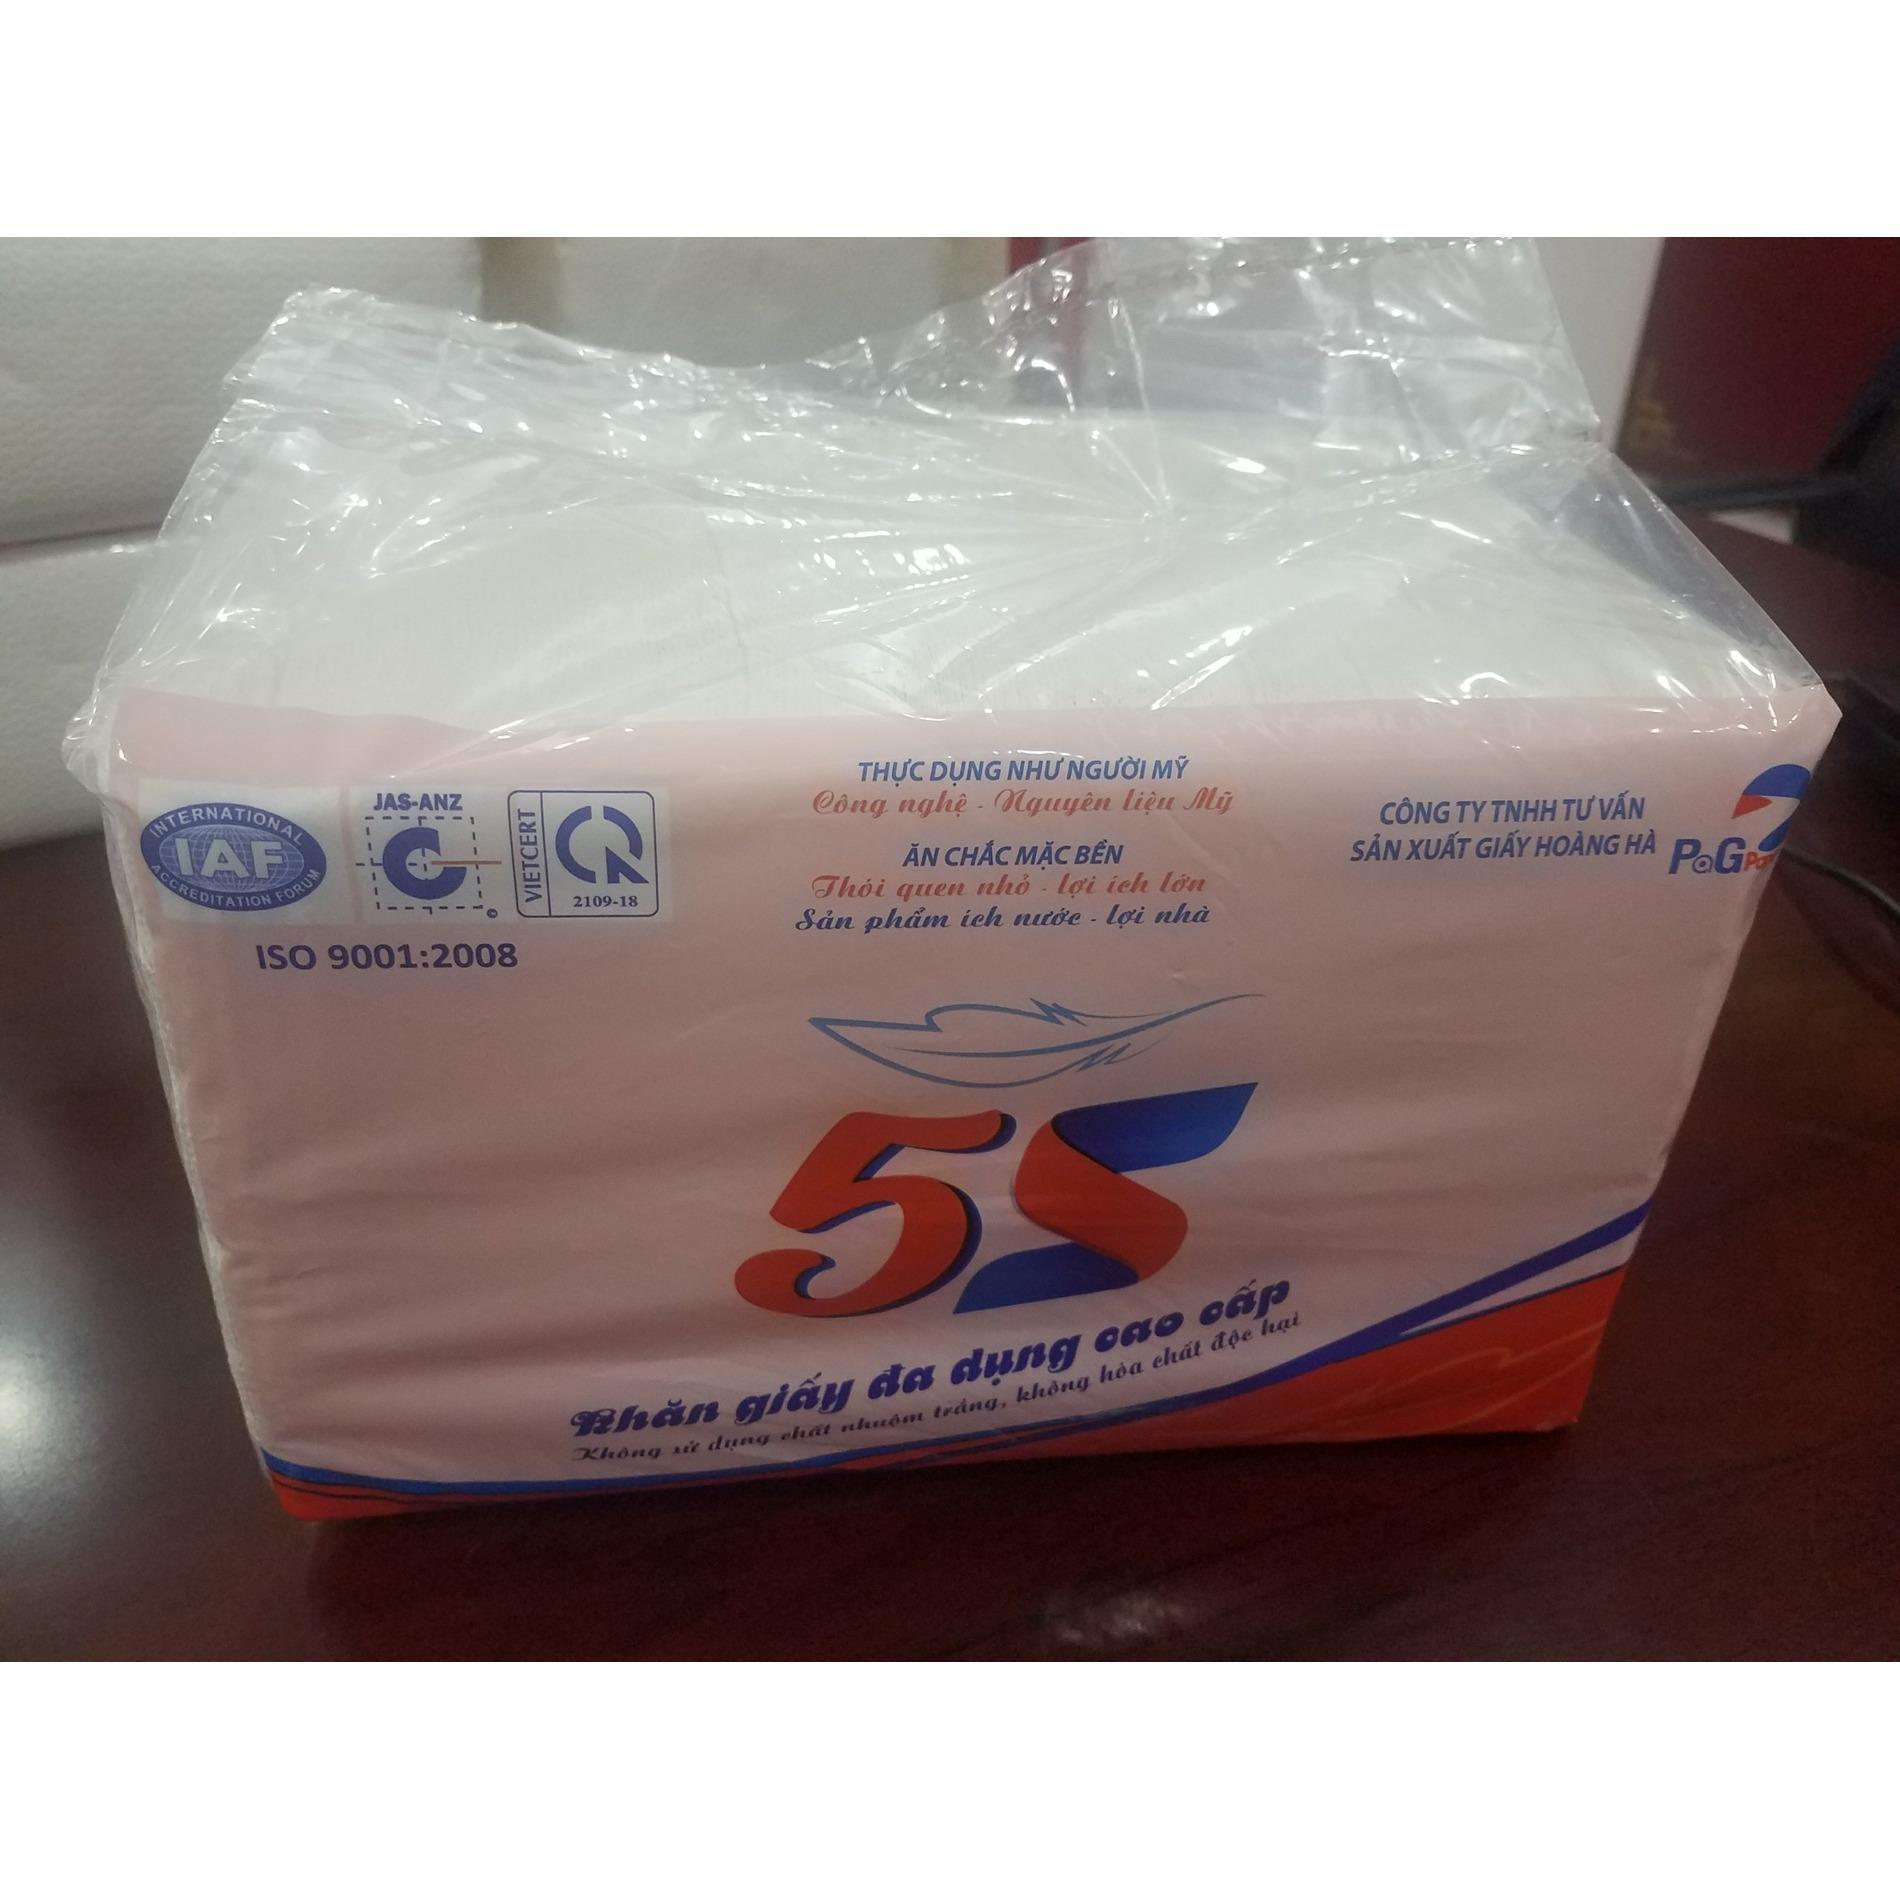 Khăn giấy khô đa năng 5S cao cấp 2 lớp 32x32 800g